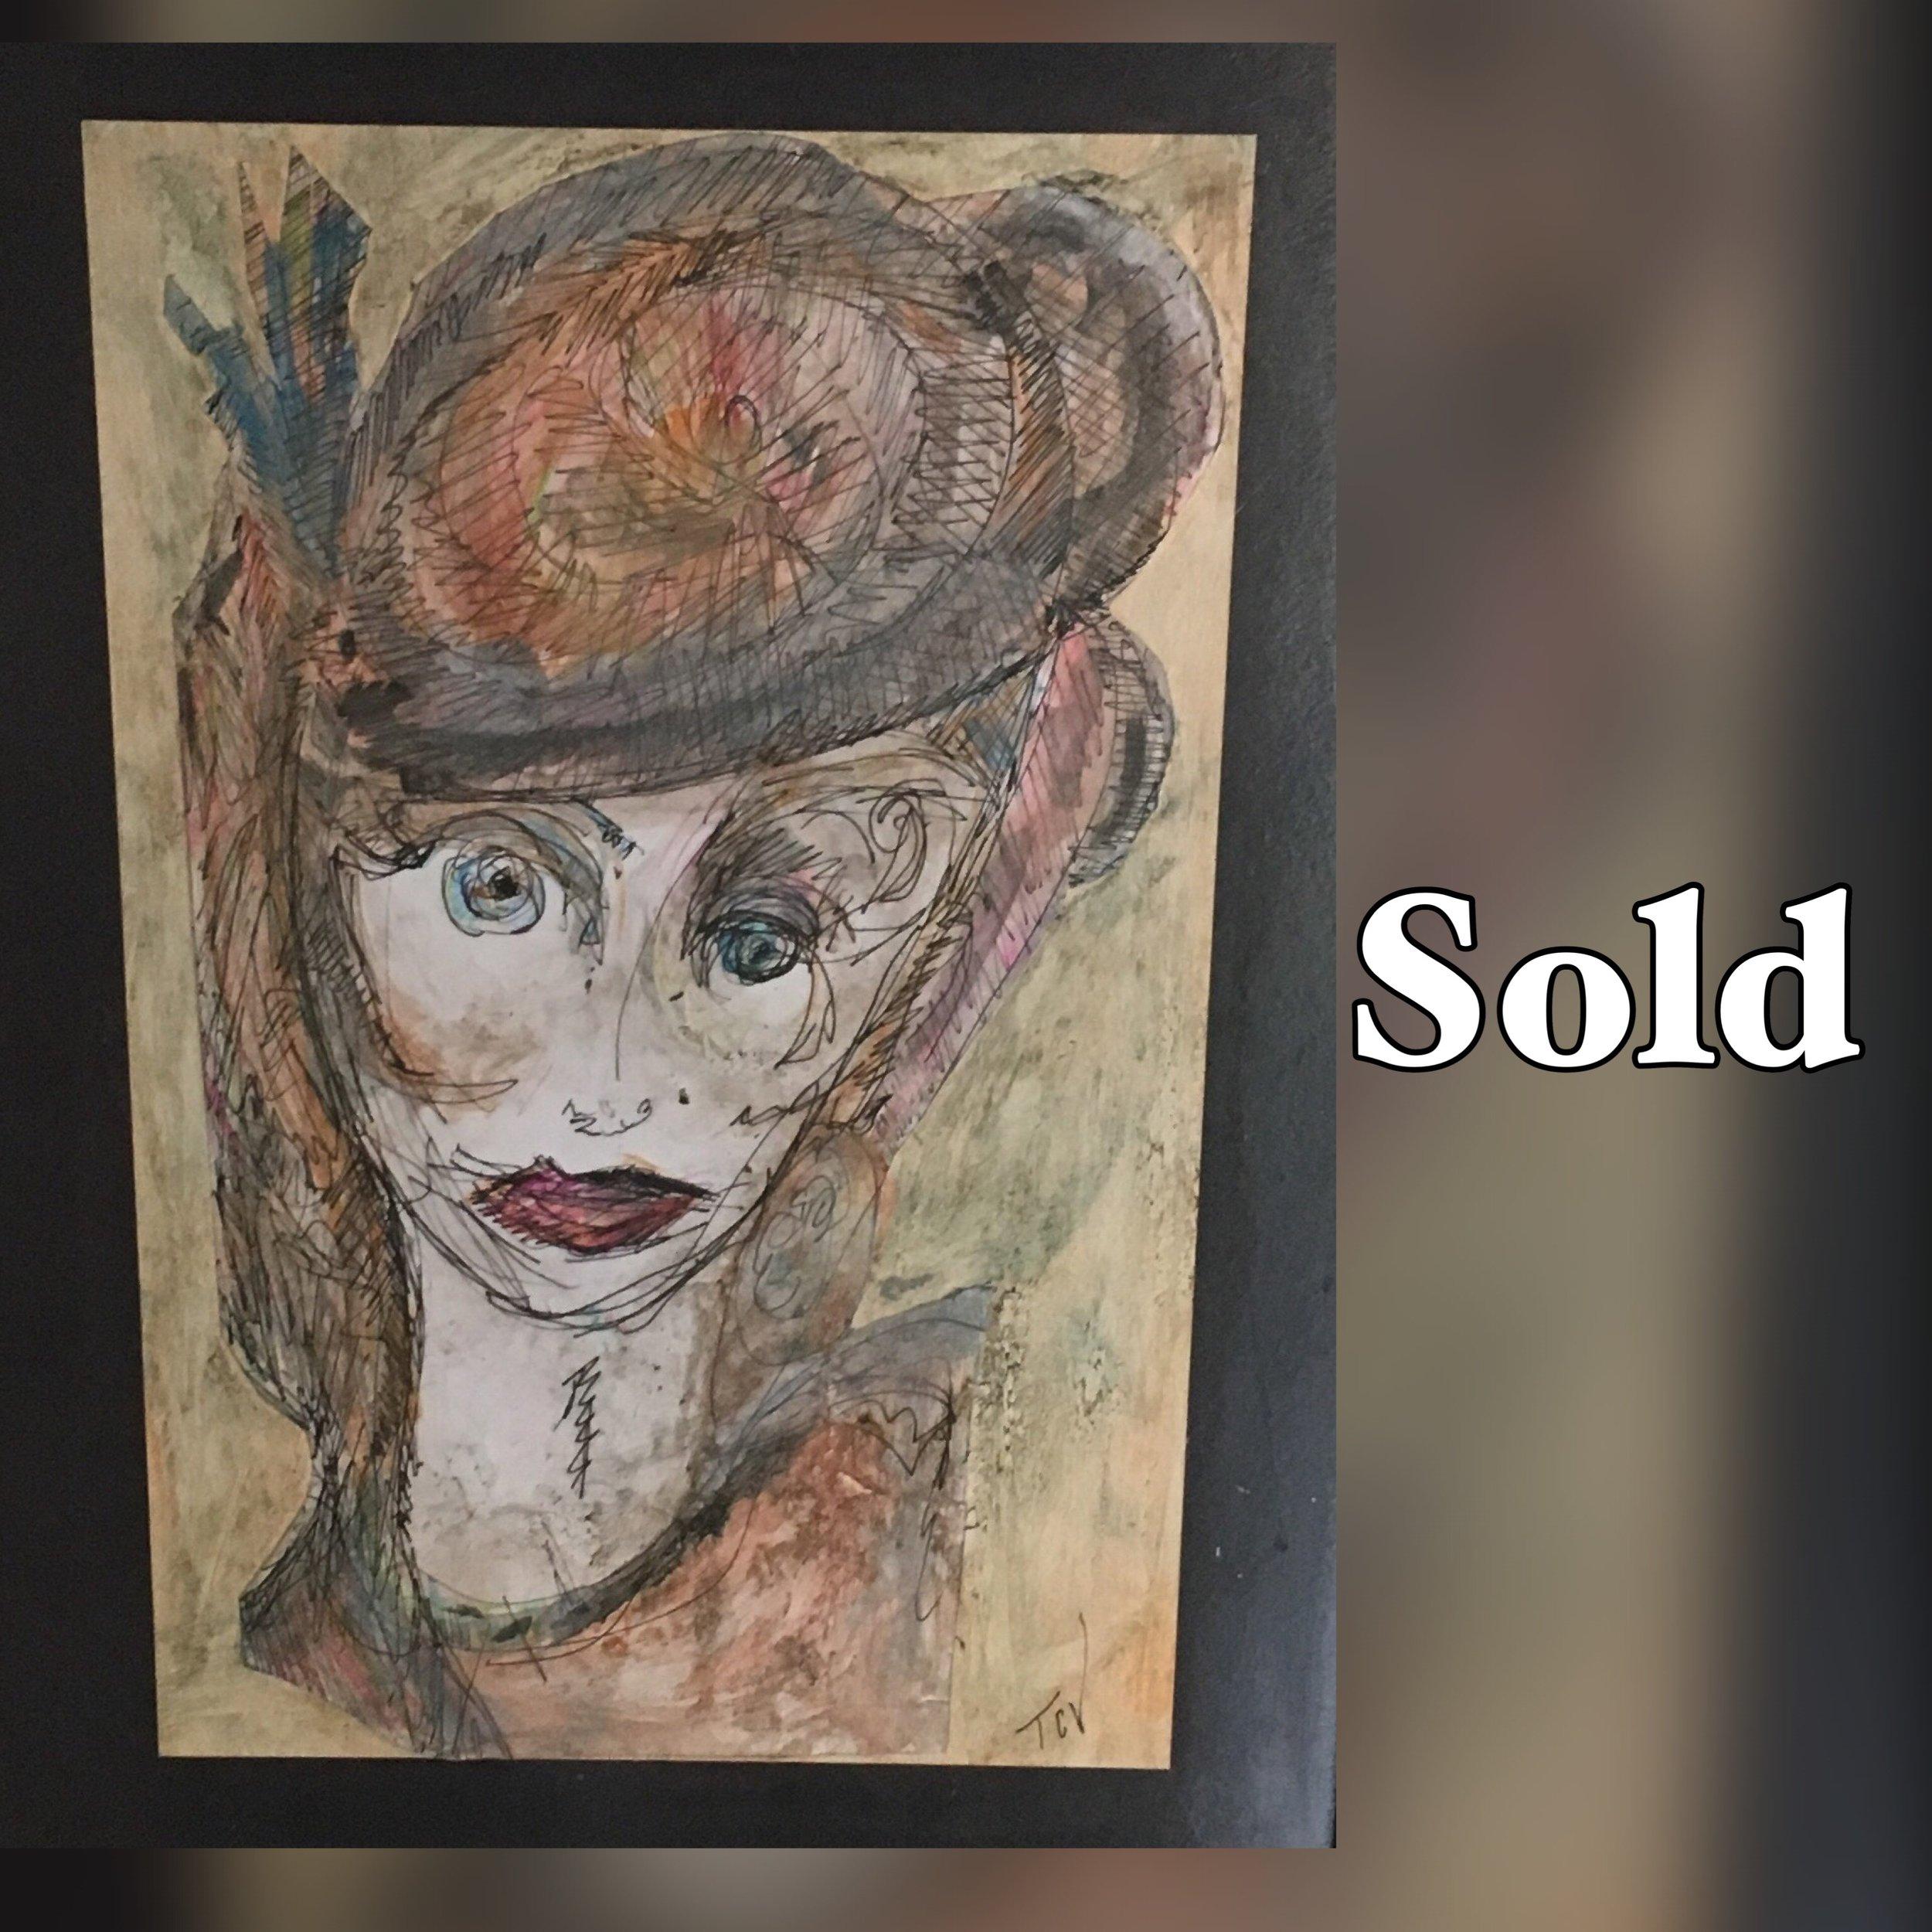 Madame Mad Hatter Sold.jpg